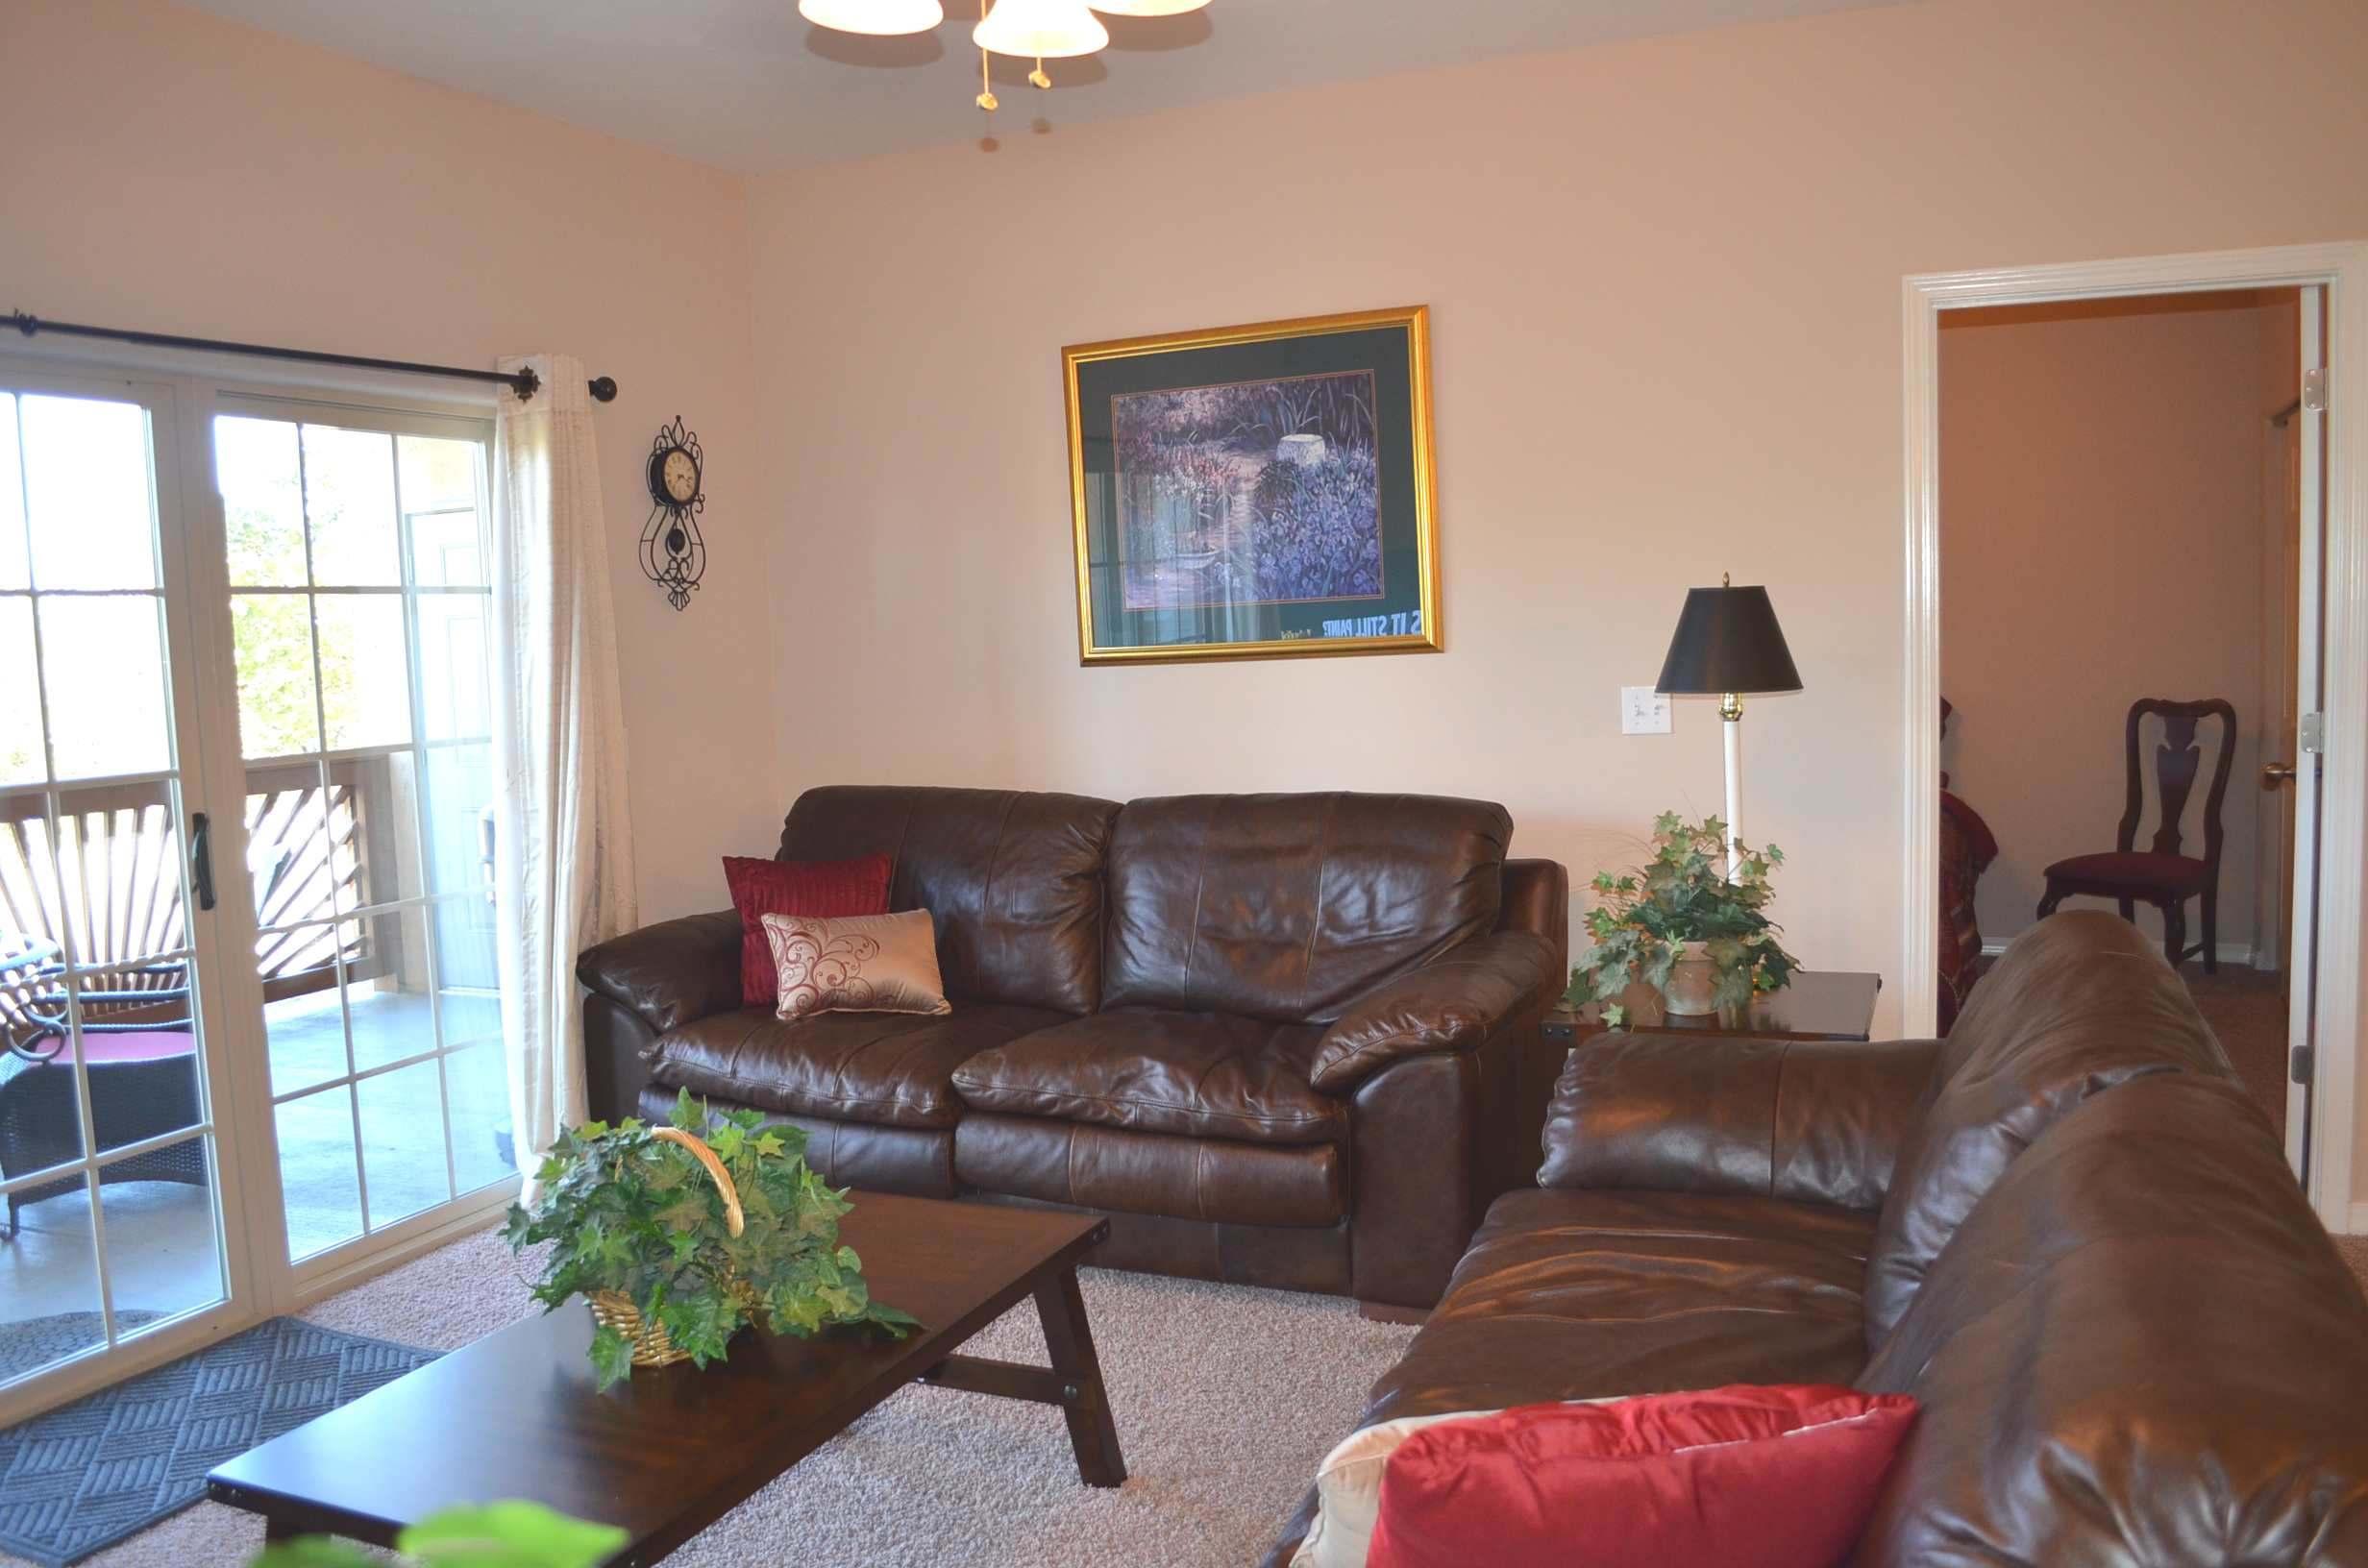 living-room-angle-1